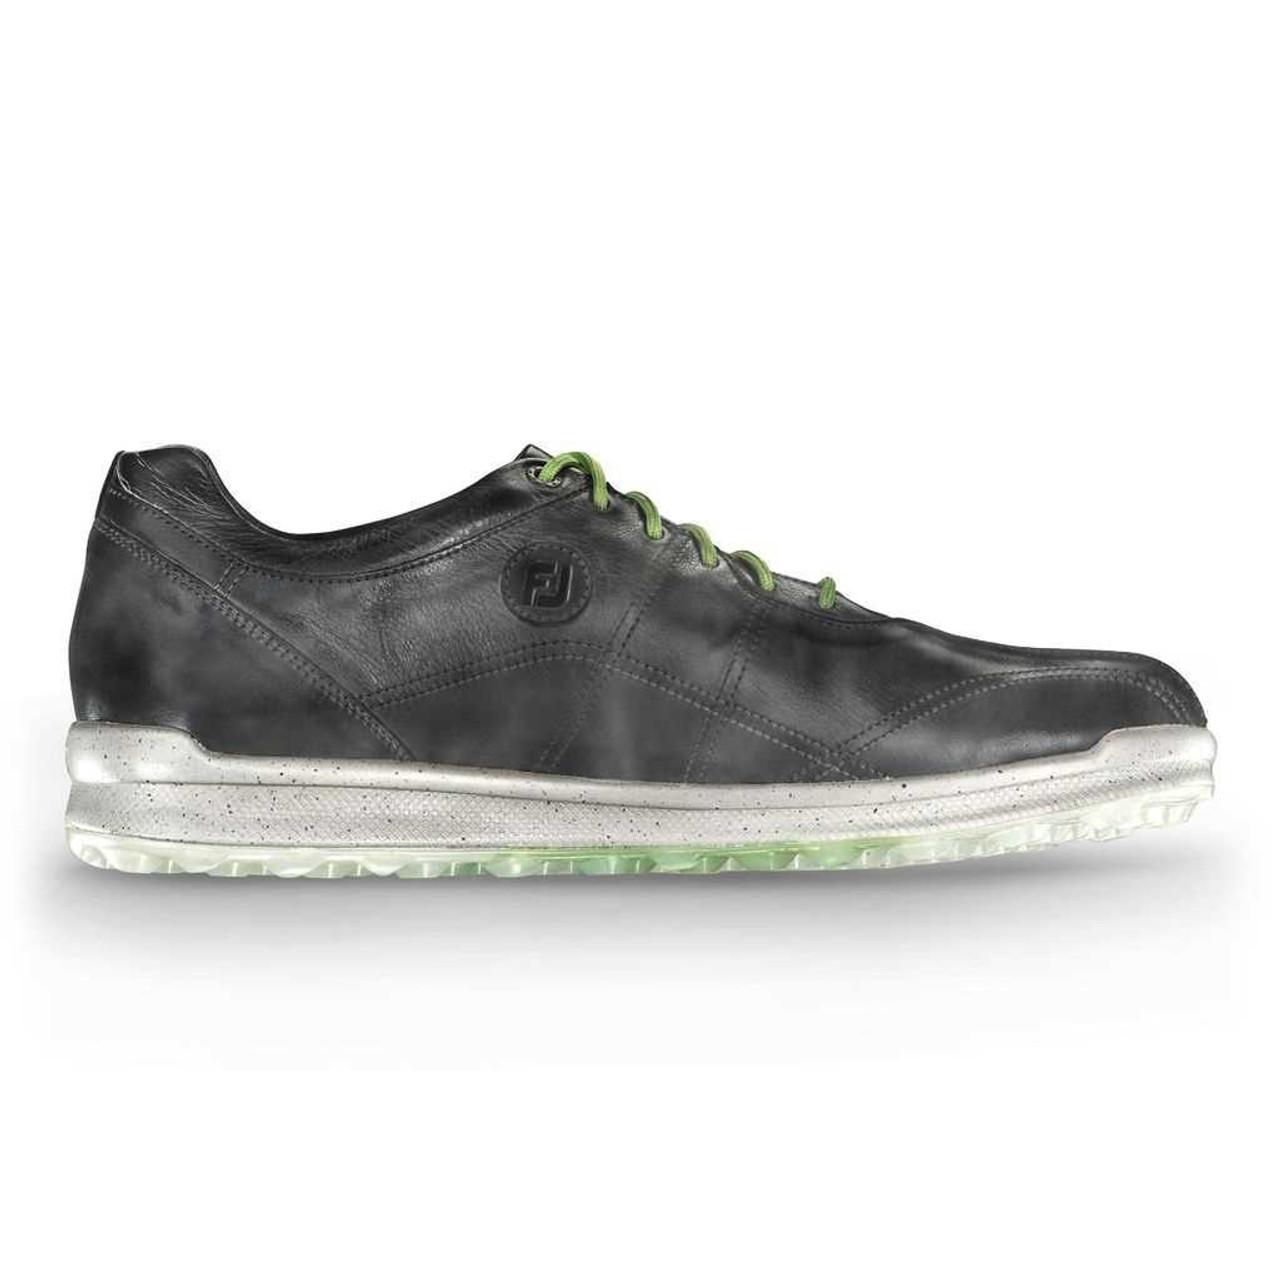 Footjoy Versaluxe Men S Spikeless Golf Shoes